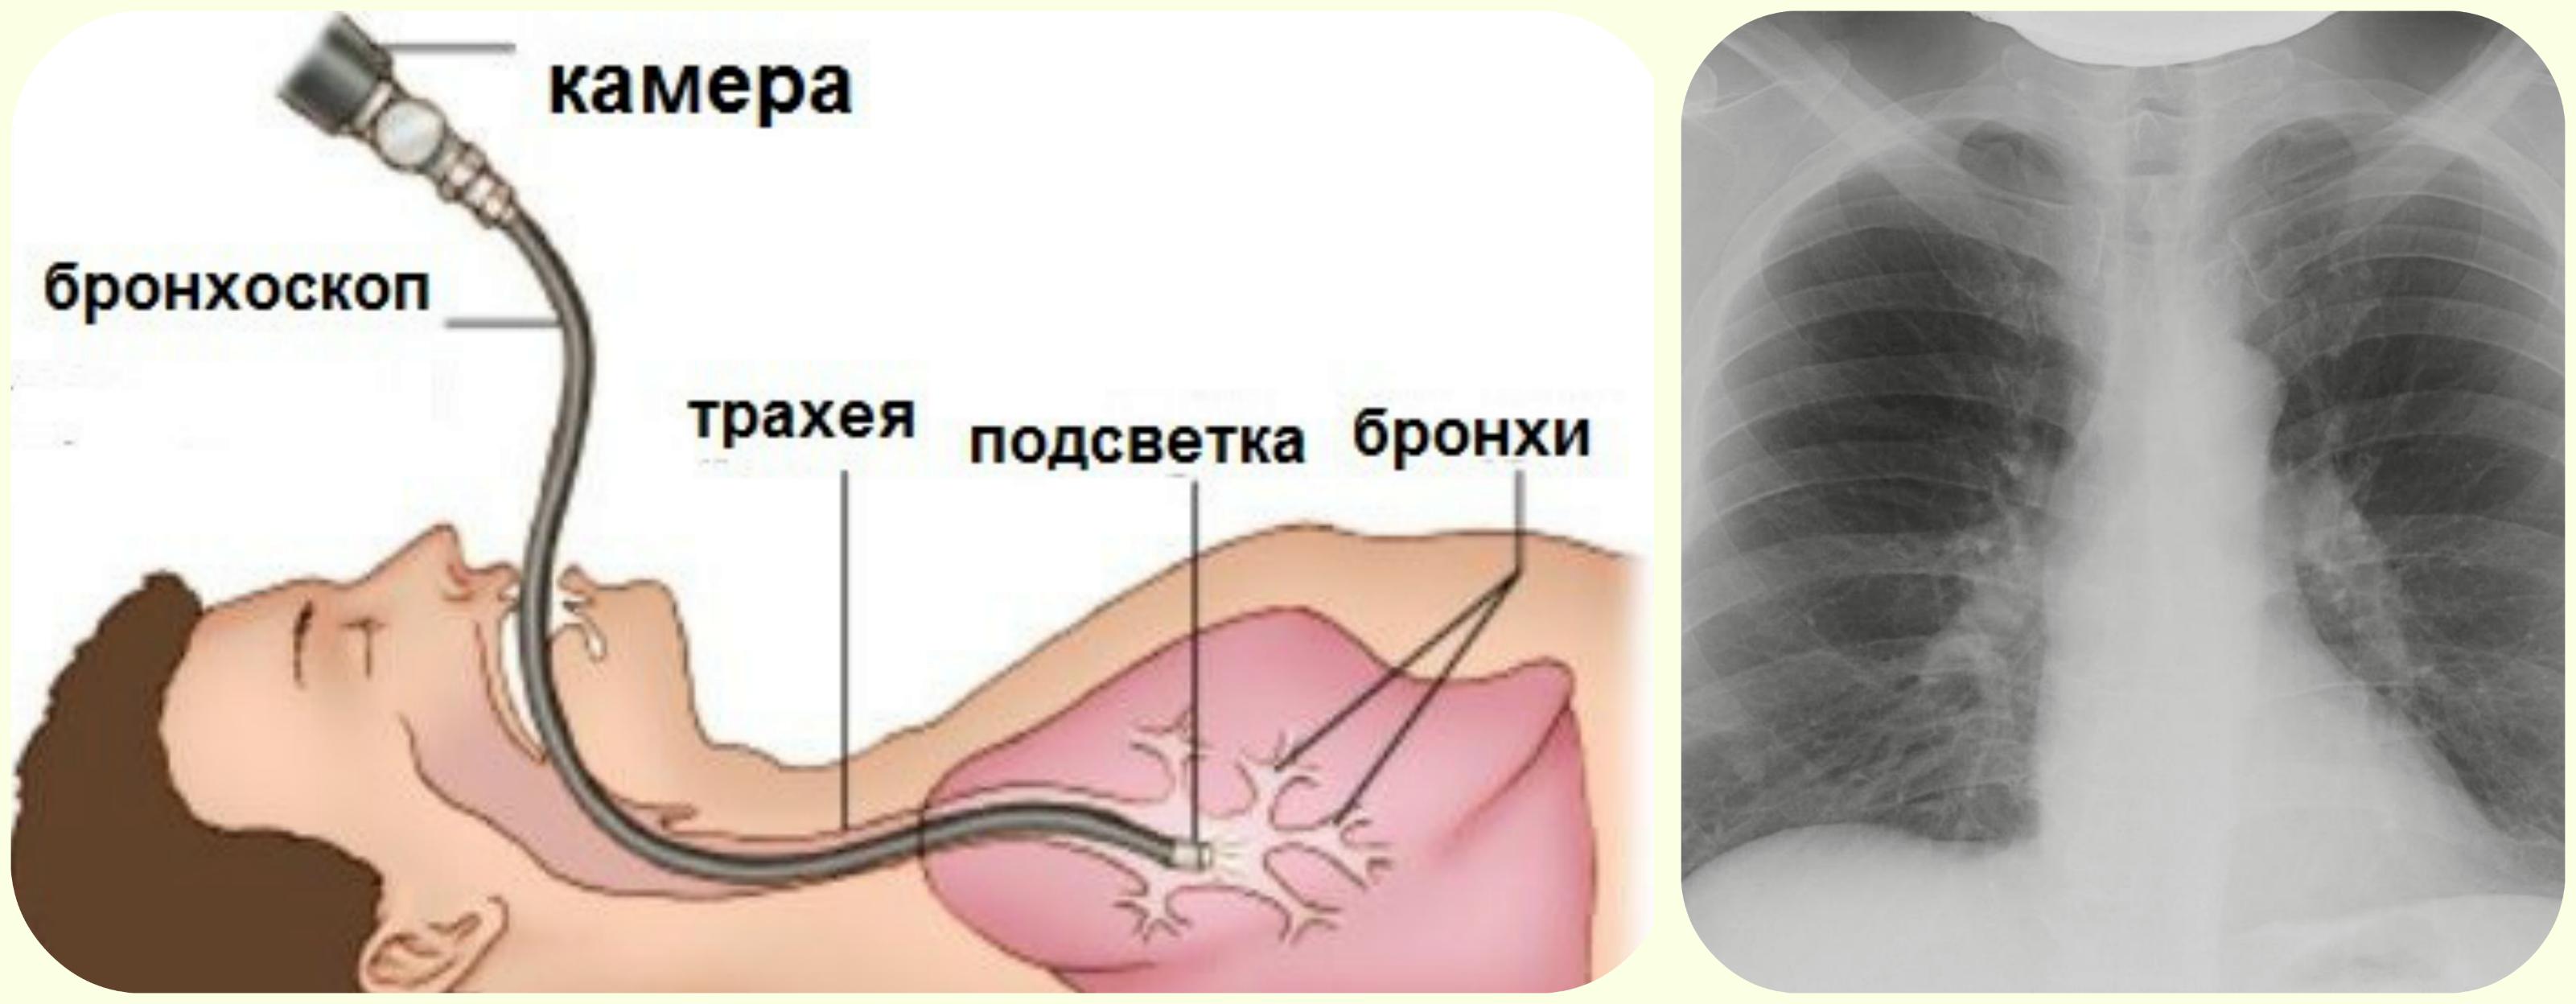 бронхоскопия, рентгенография легких